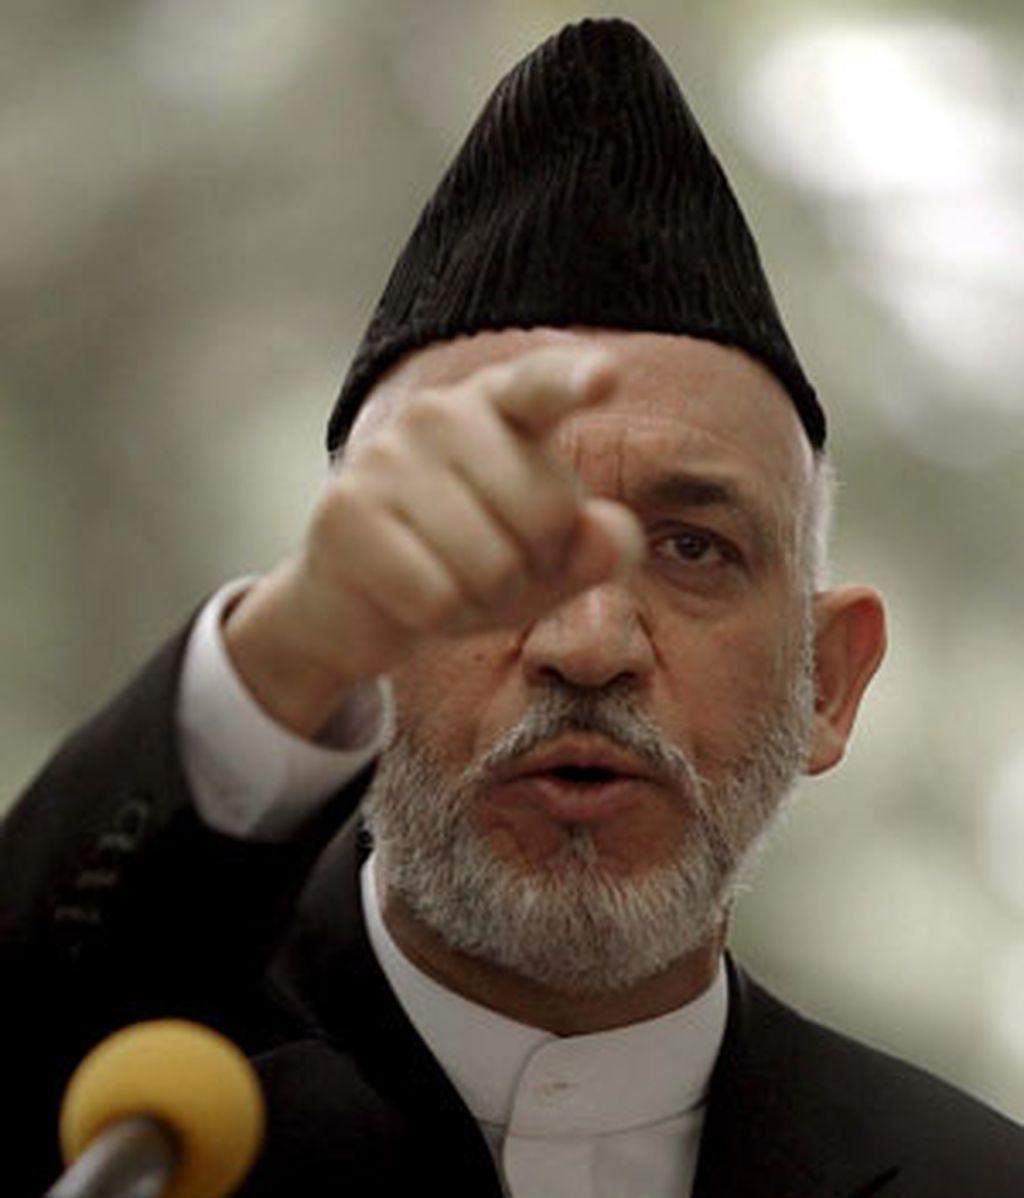 """Karzai ha defendido el """"derecho"""" de su país a actuar en defensa propia, advirtió directamente al integrista Baitulah Mehsud de que """"iremos por él"""" y """"atacaremos su residencia."""